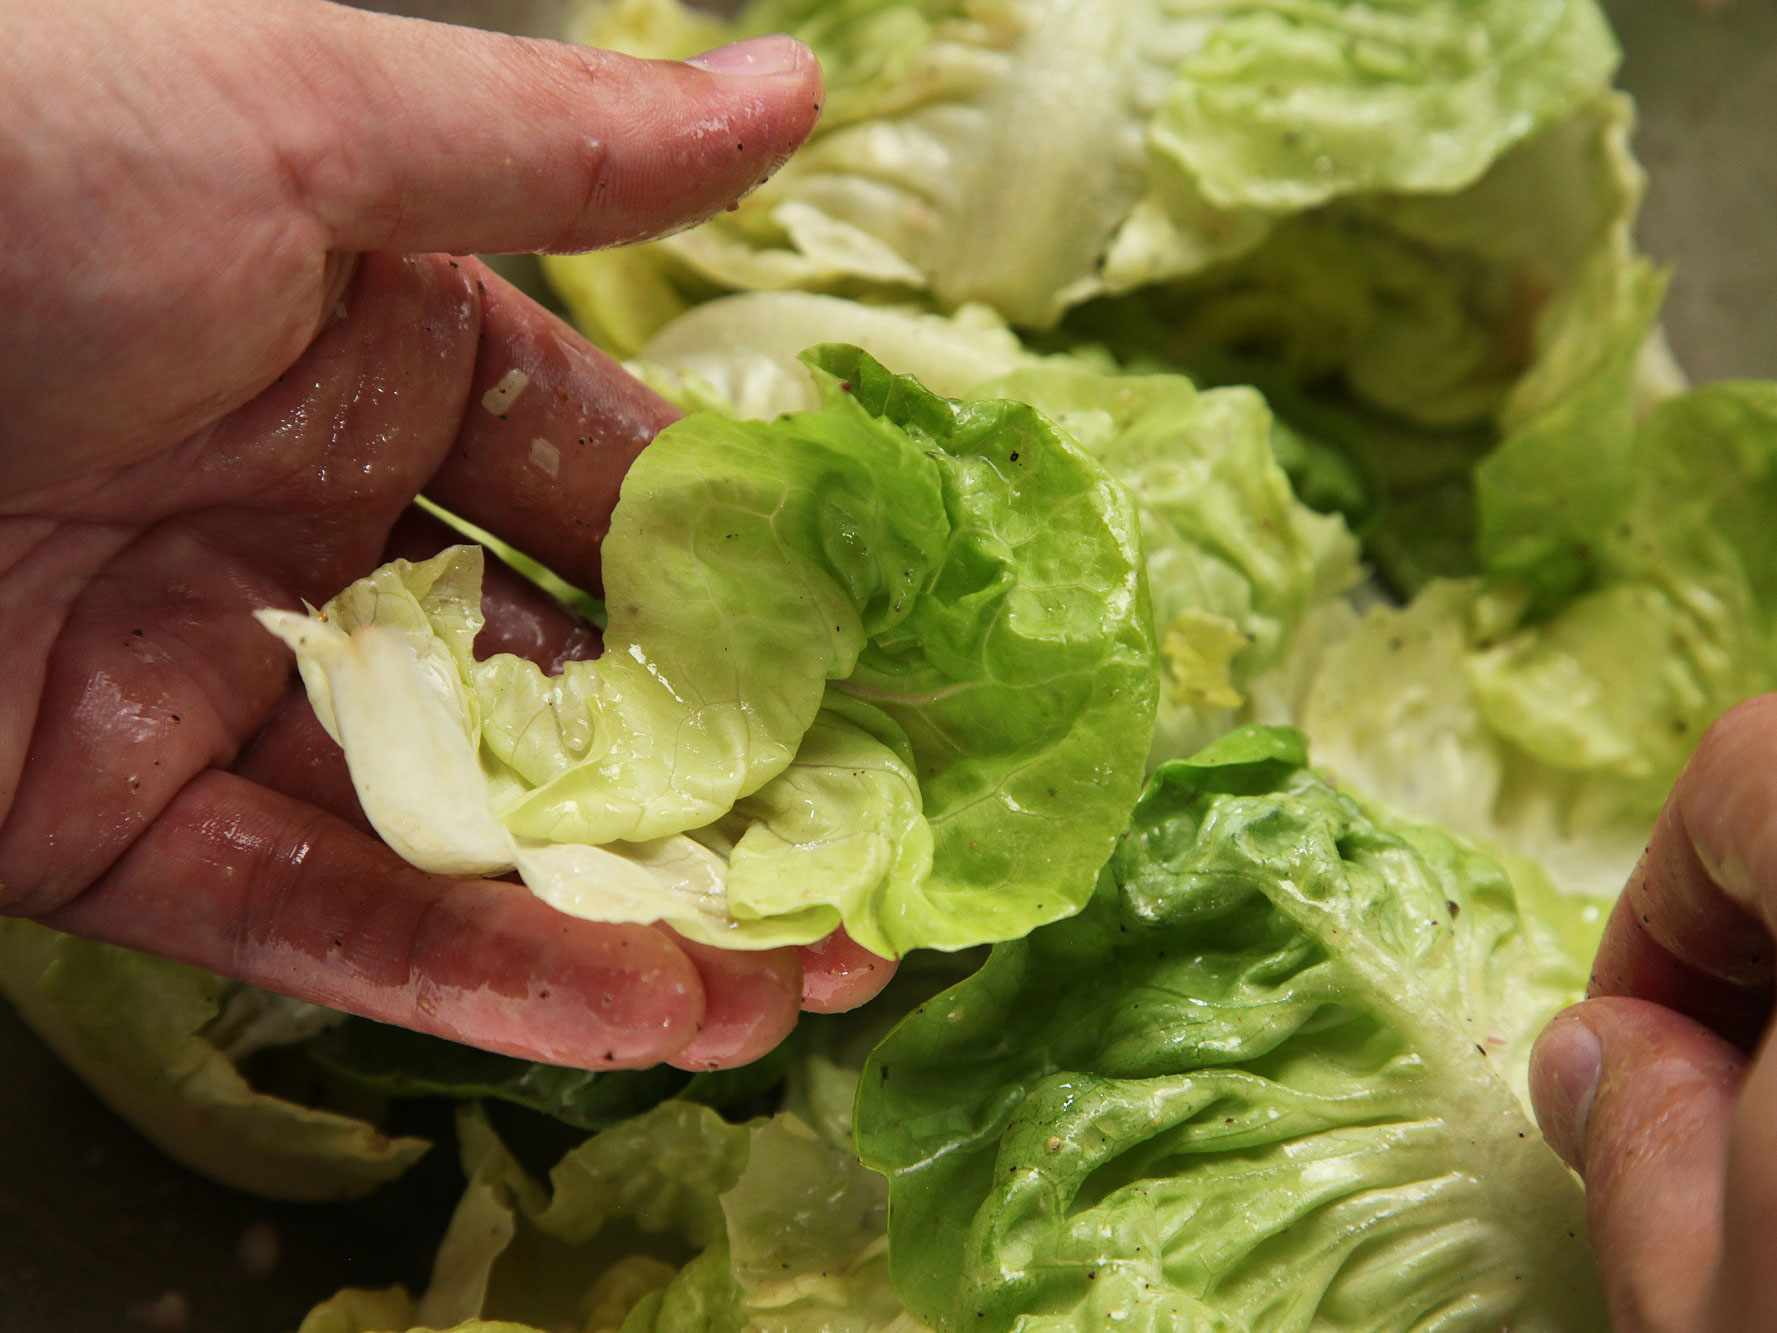 20140930-how-to-dress-a-salad-vinaigrette-16.jpg